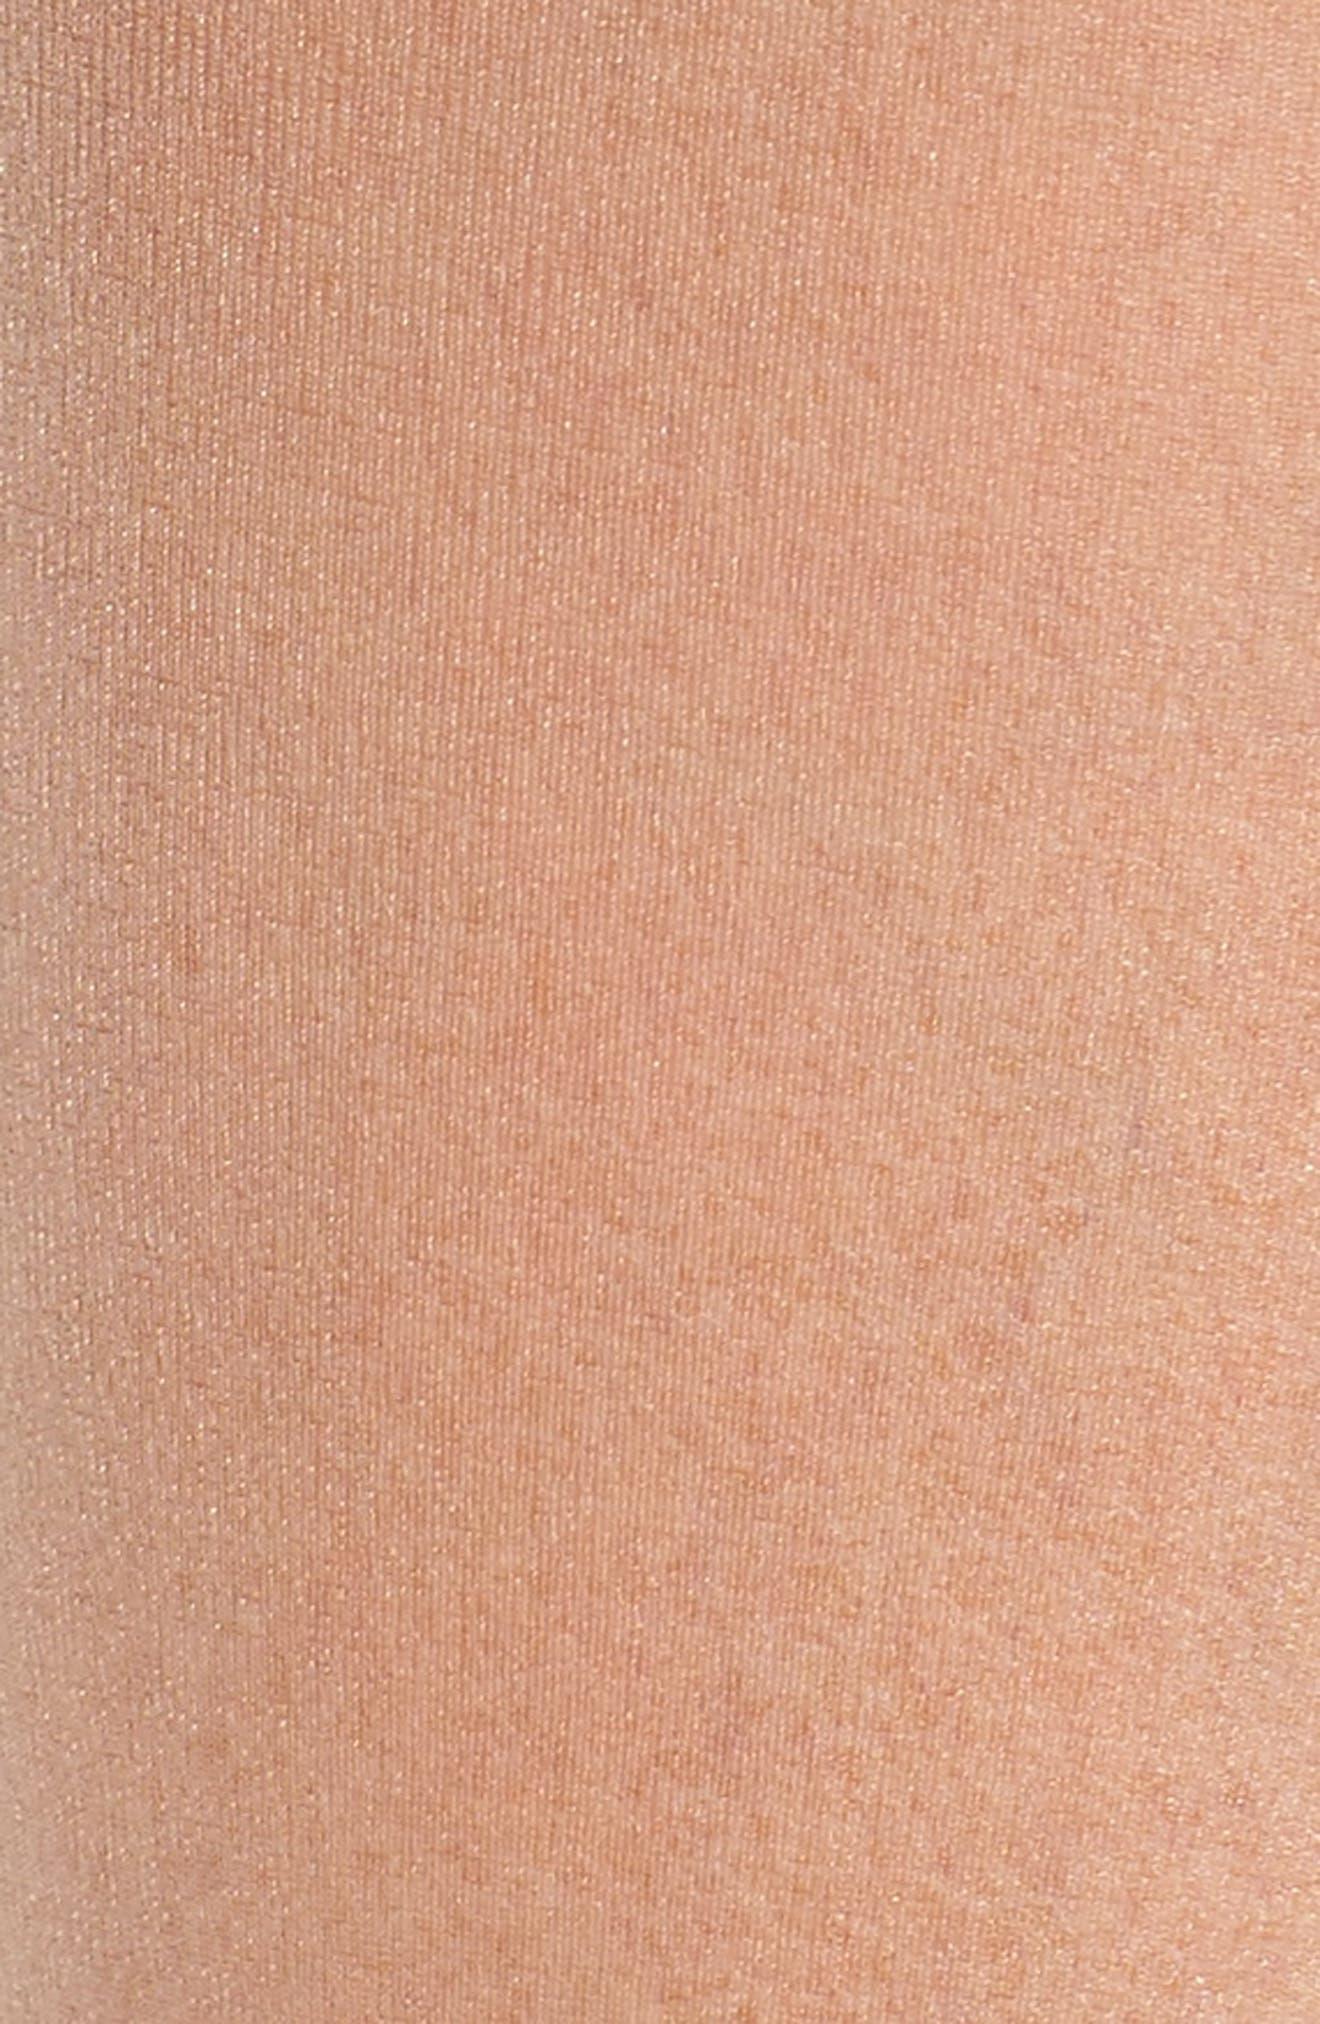 Donna Karan Beyond The Nudes Control Top Pantyhose,                             Alternate thumbnail 2, color,                             241